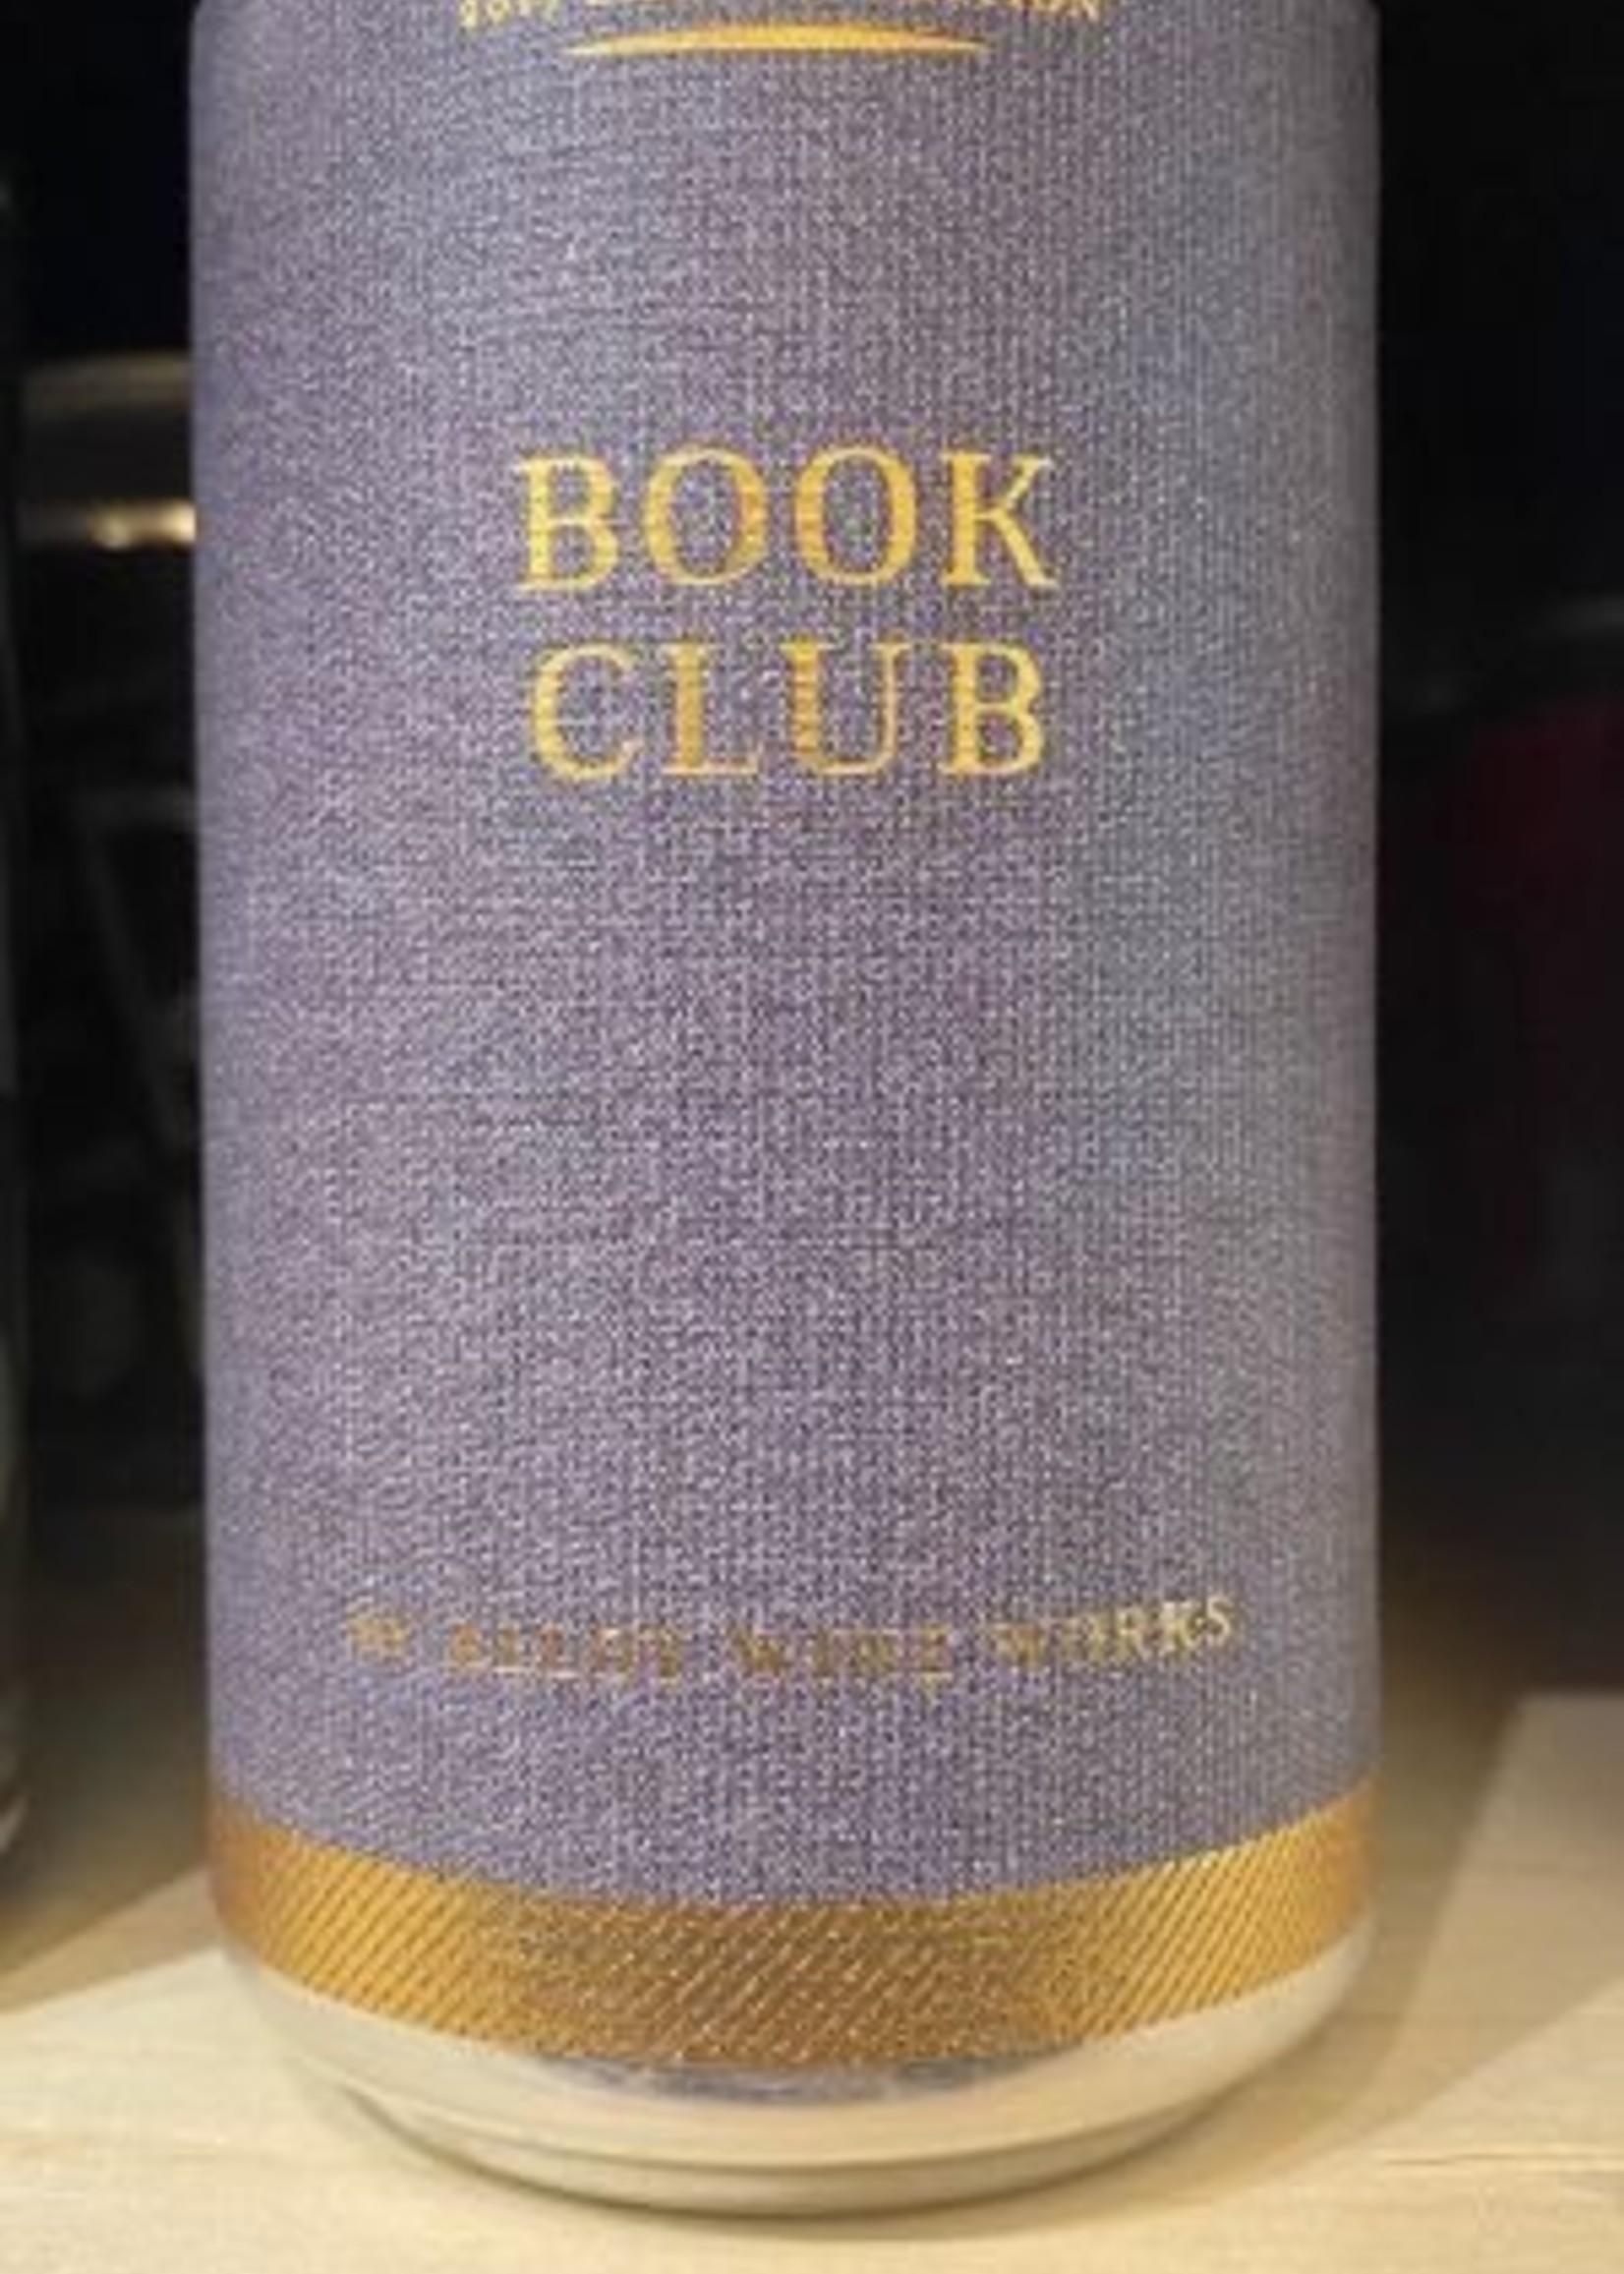 Book Club Sauvignon Blanc